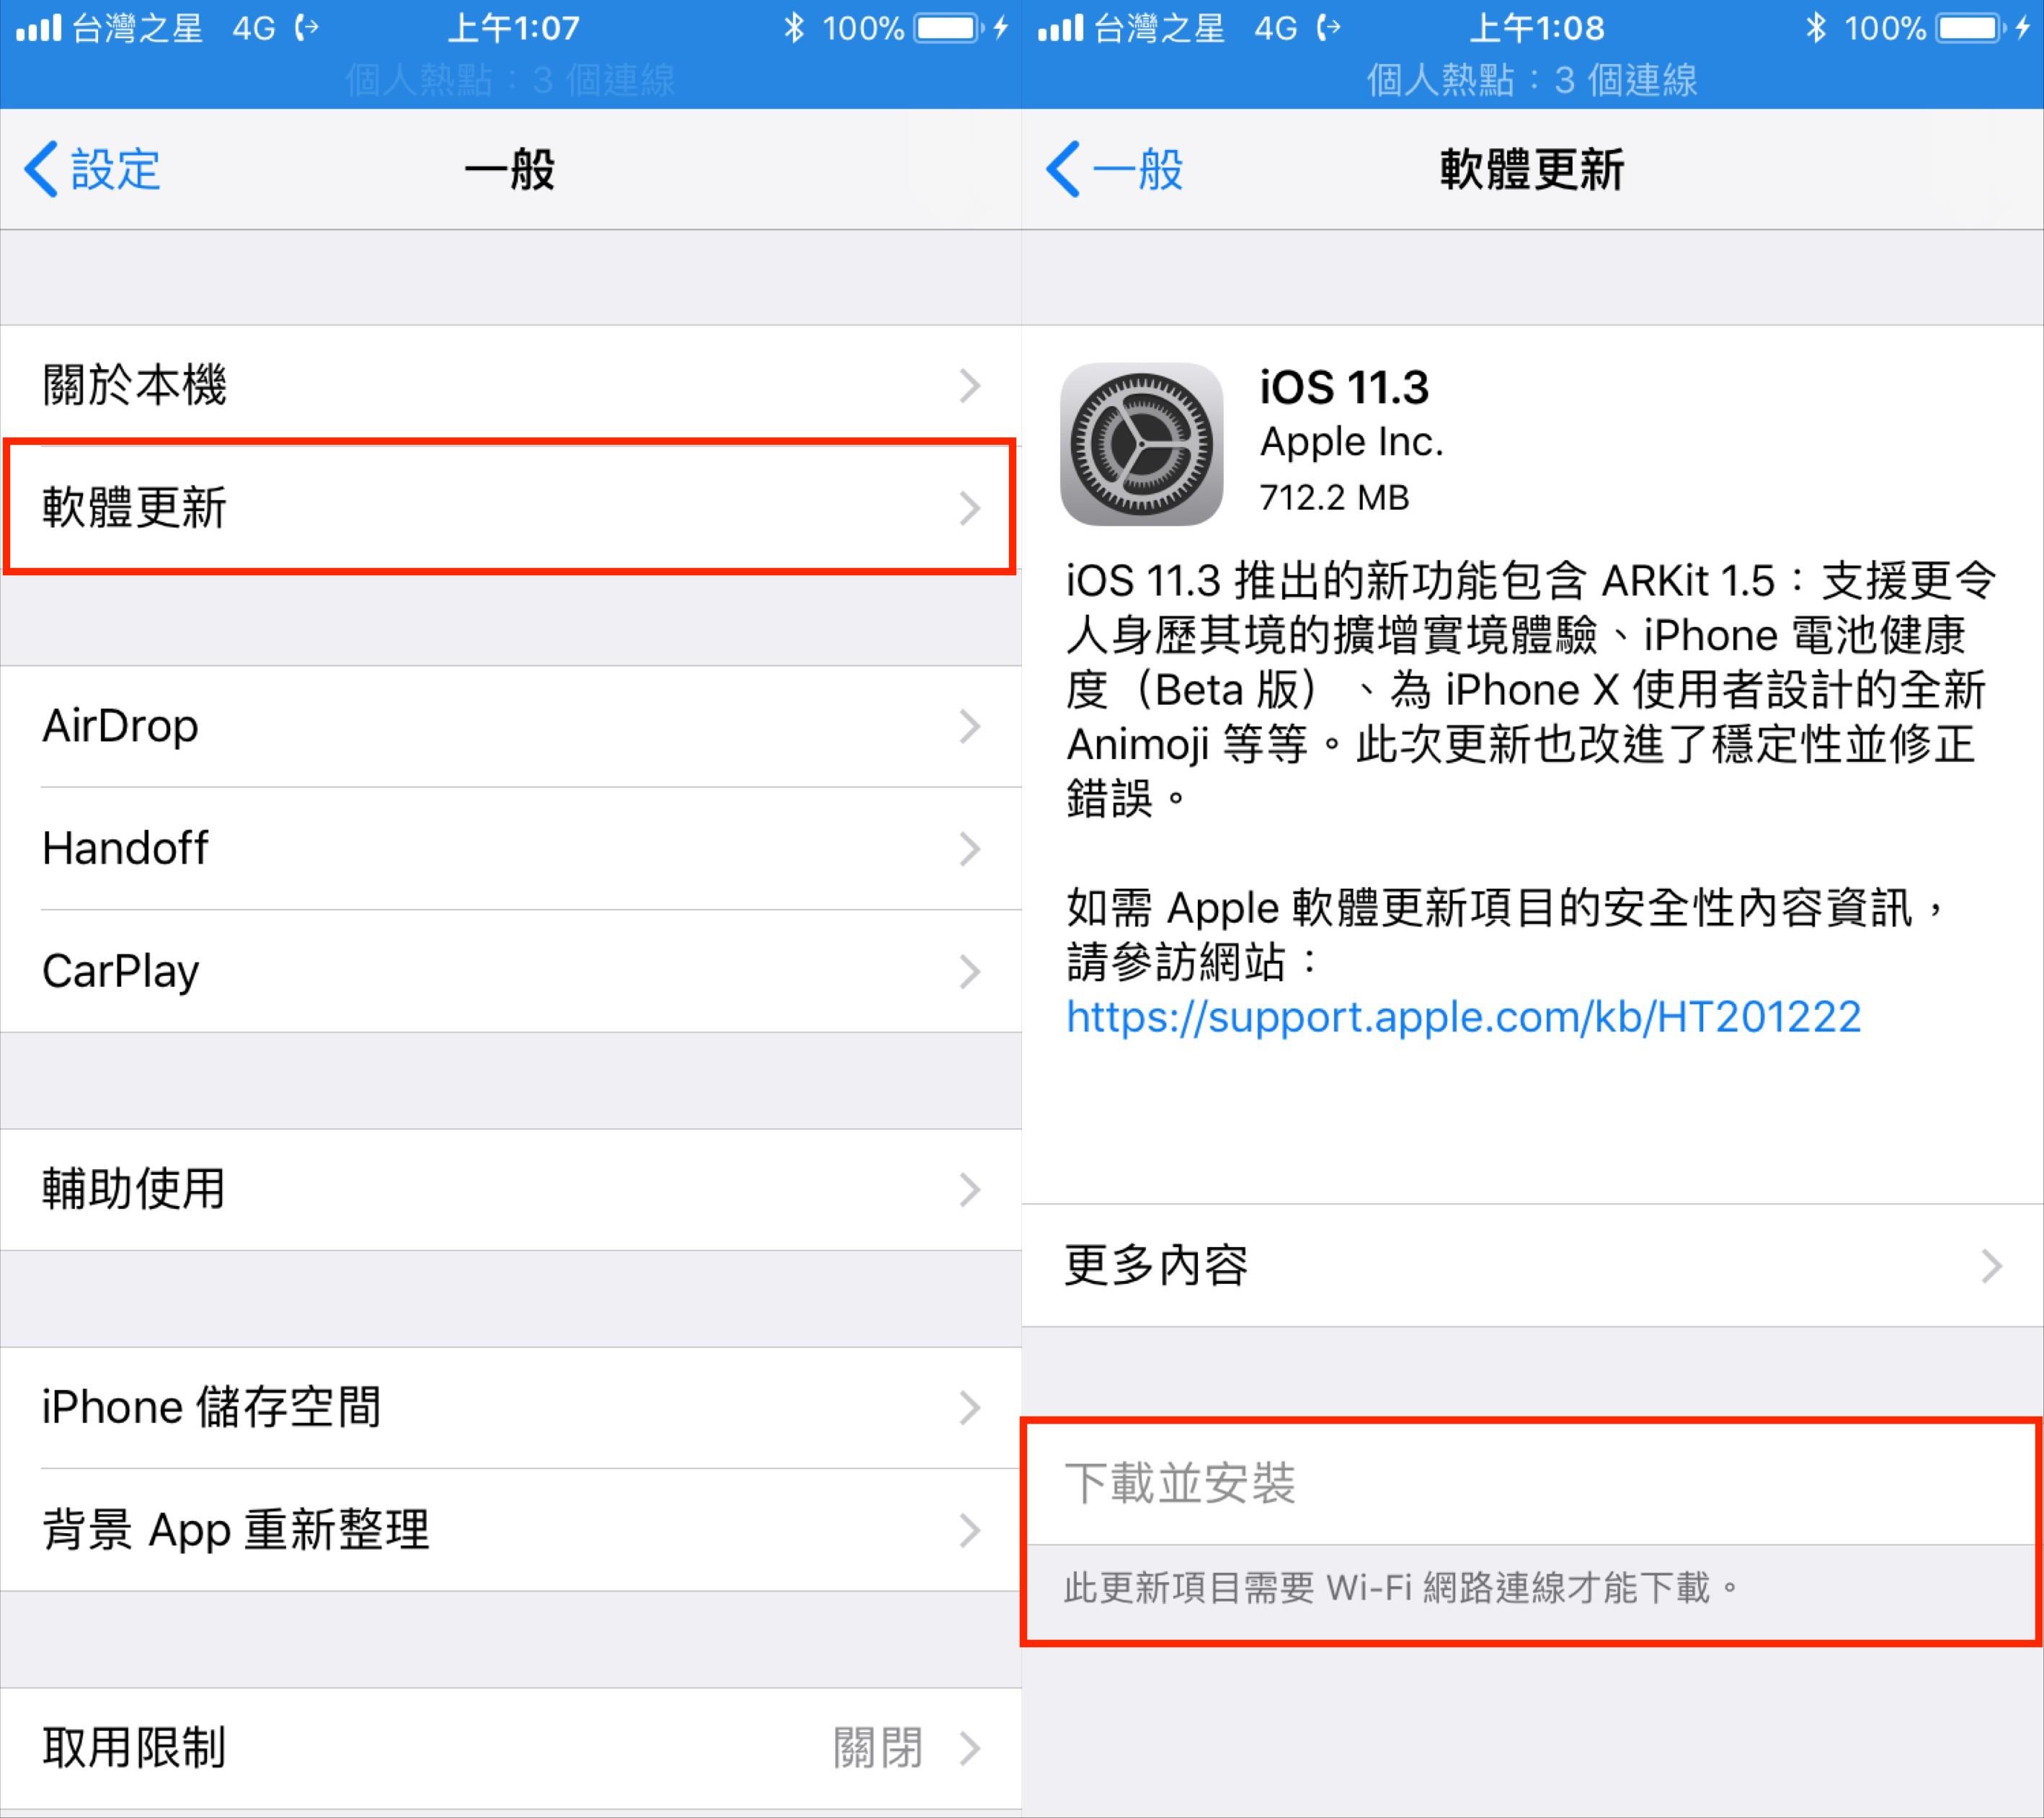 如何更新至 iOS 11.3